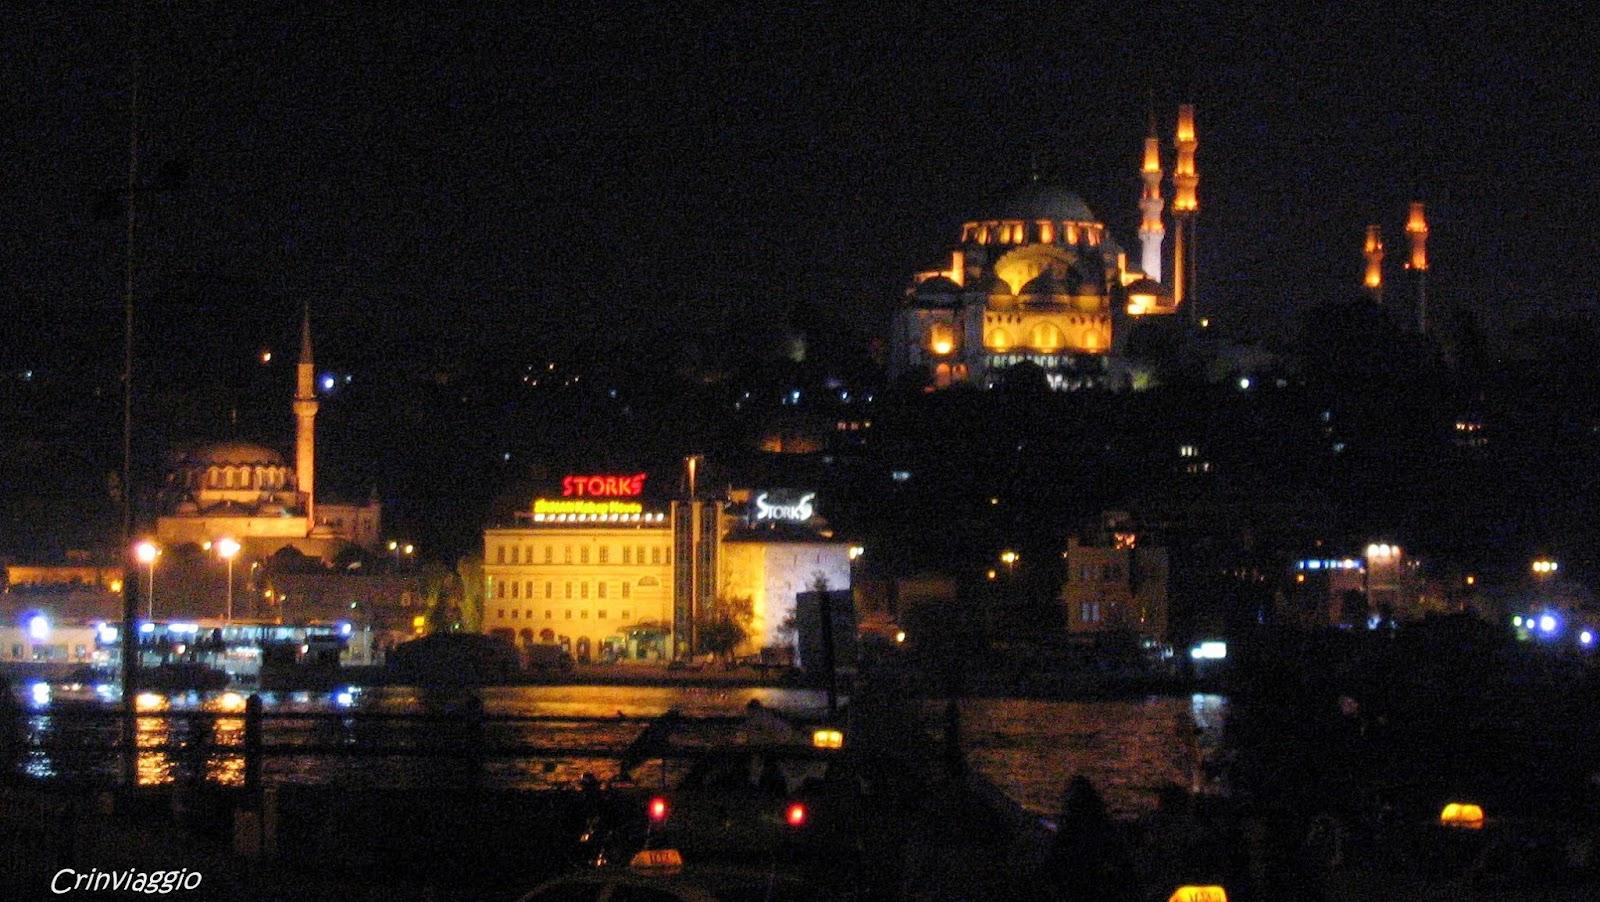 Il bagno turco a istanbul un 39 opera d 39 arte crinviaggio - Istanbul bagno turco ...